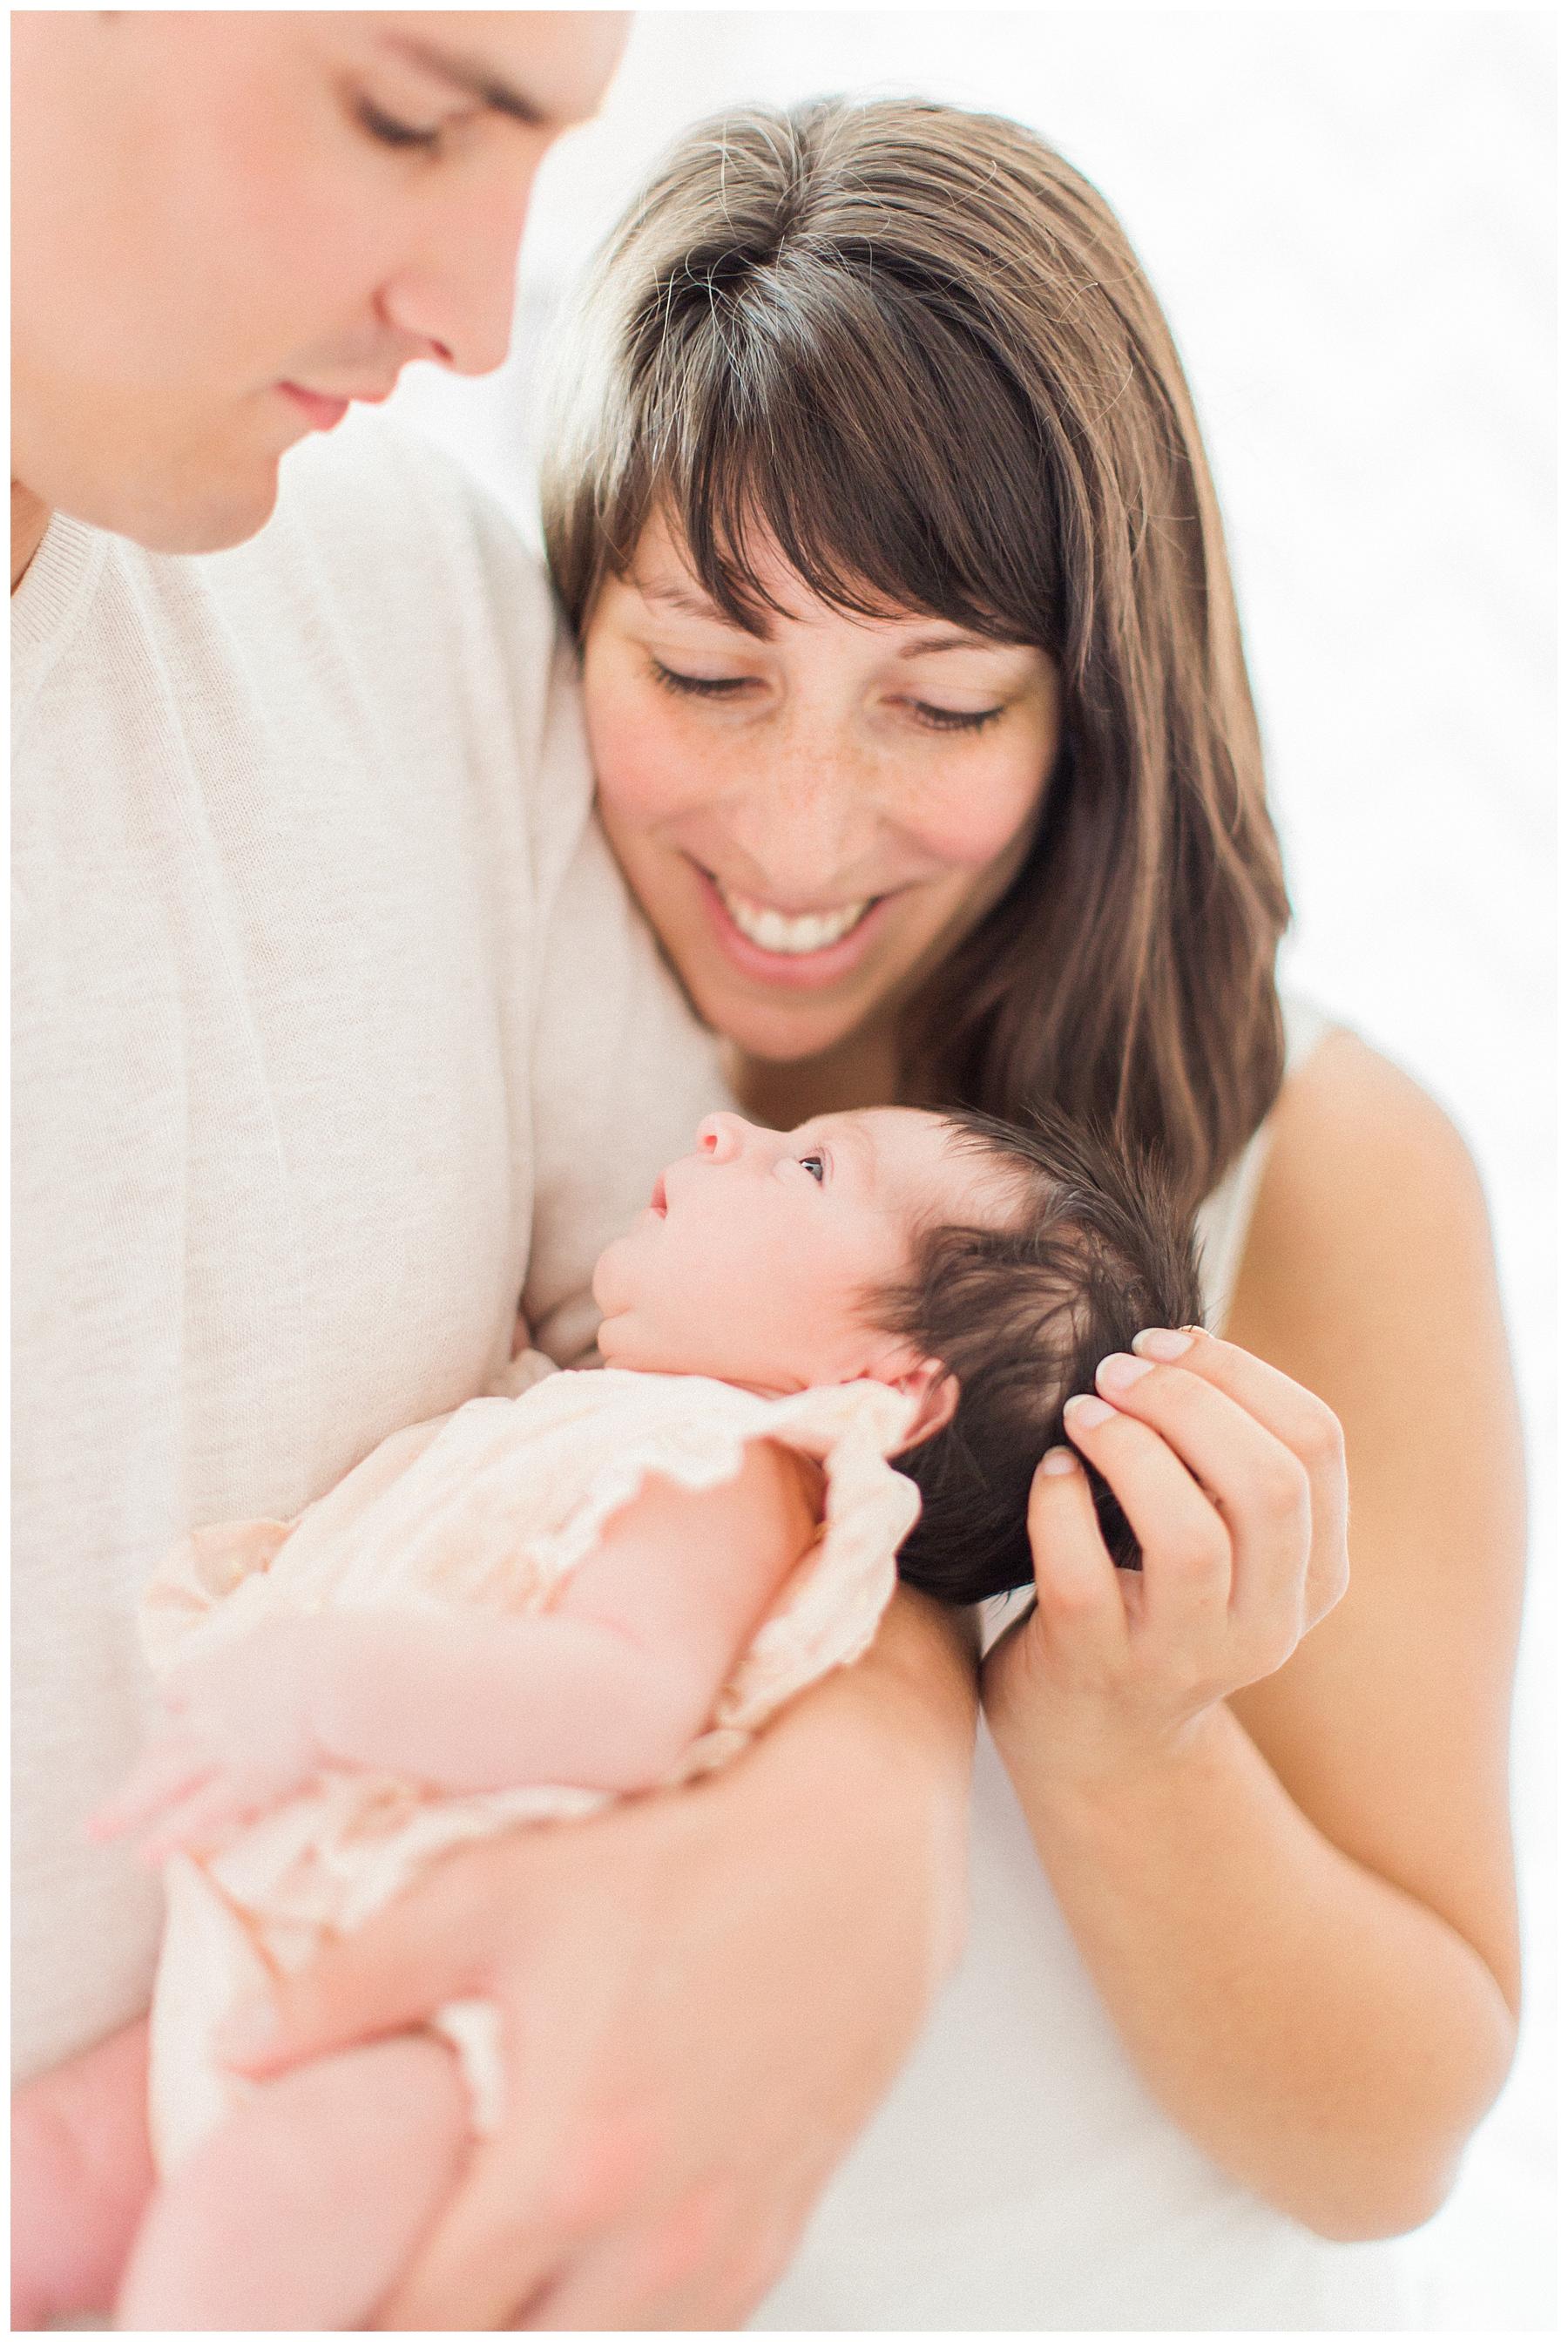 Marie-Alice G-Photographe valognes cherbourg manche normandie - photographe nouveau ne bebe famille_0043